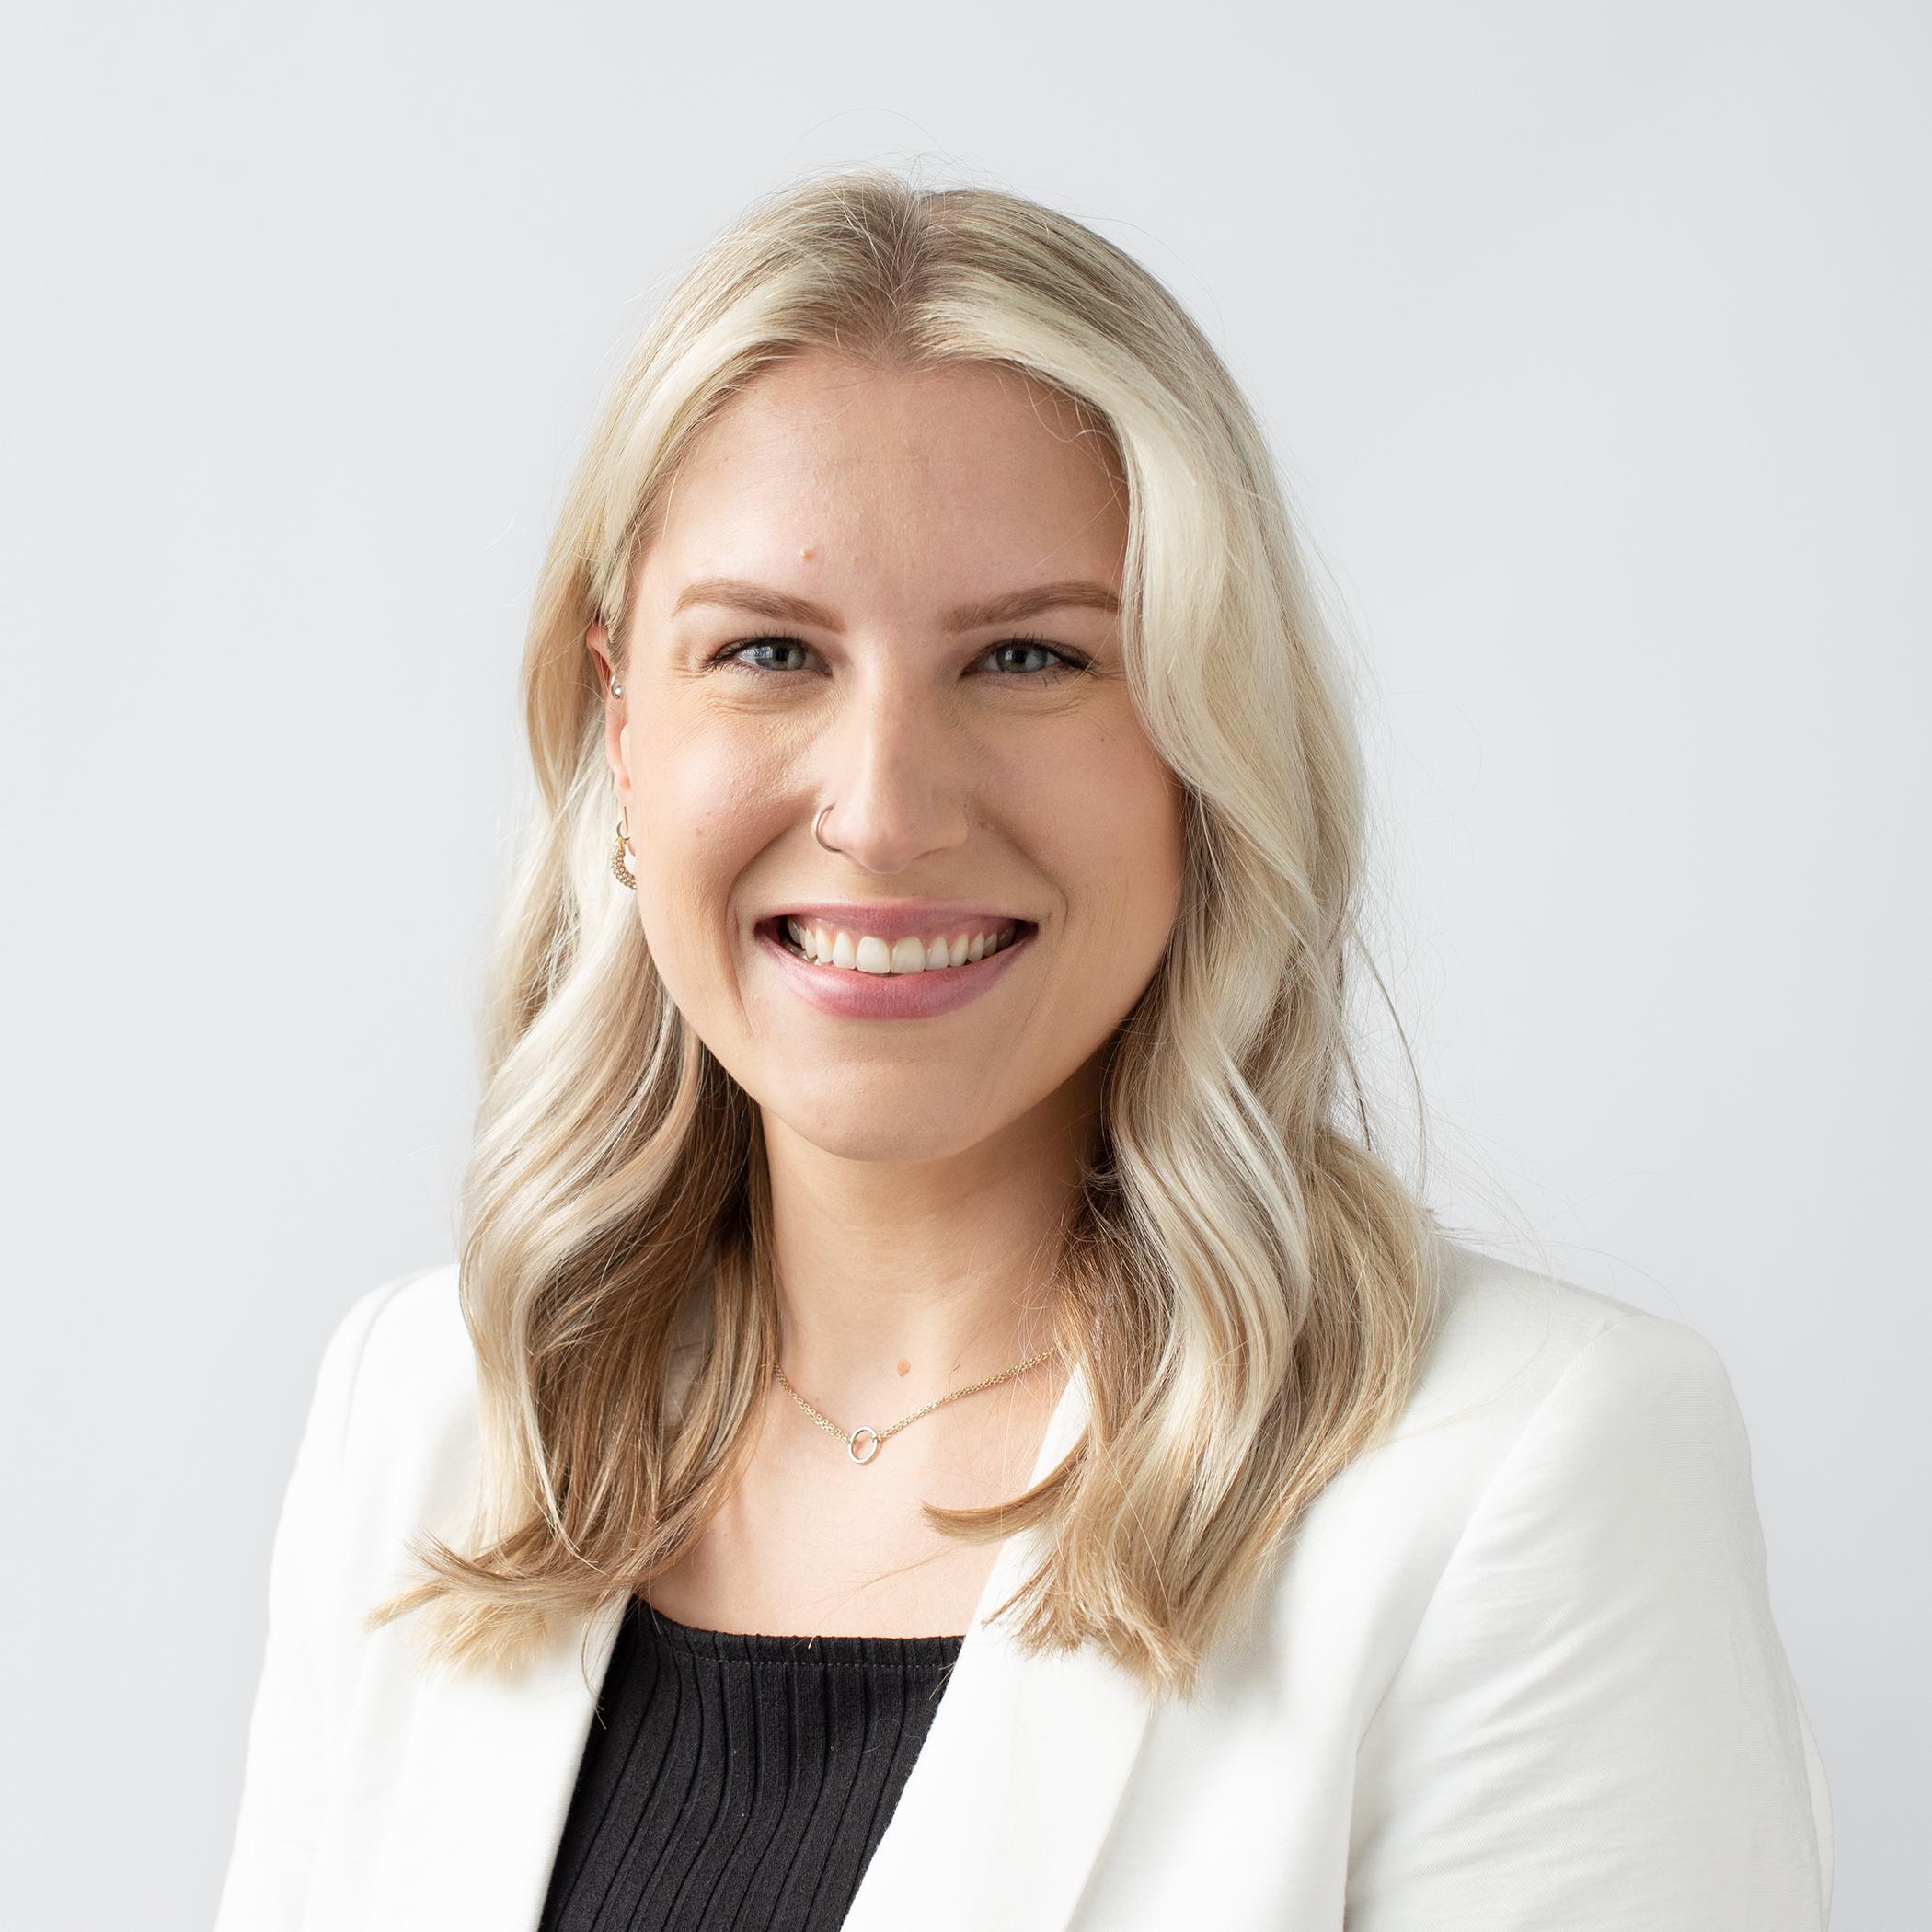 Lena Muldoon